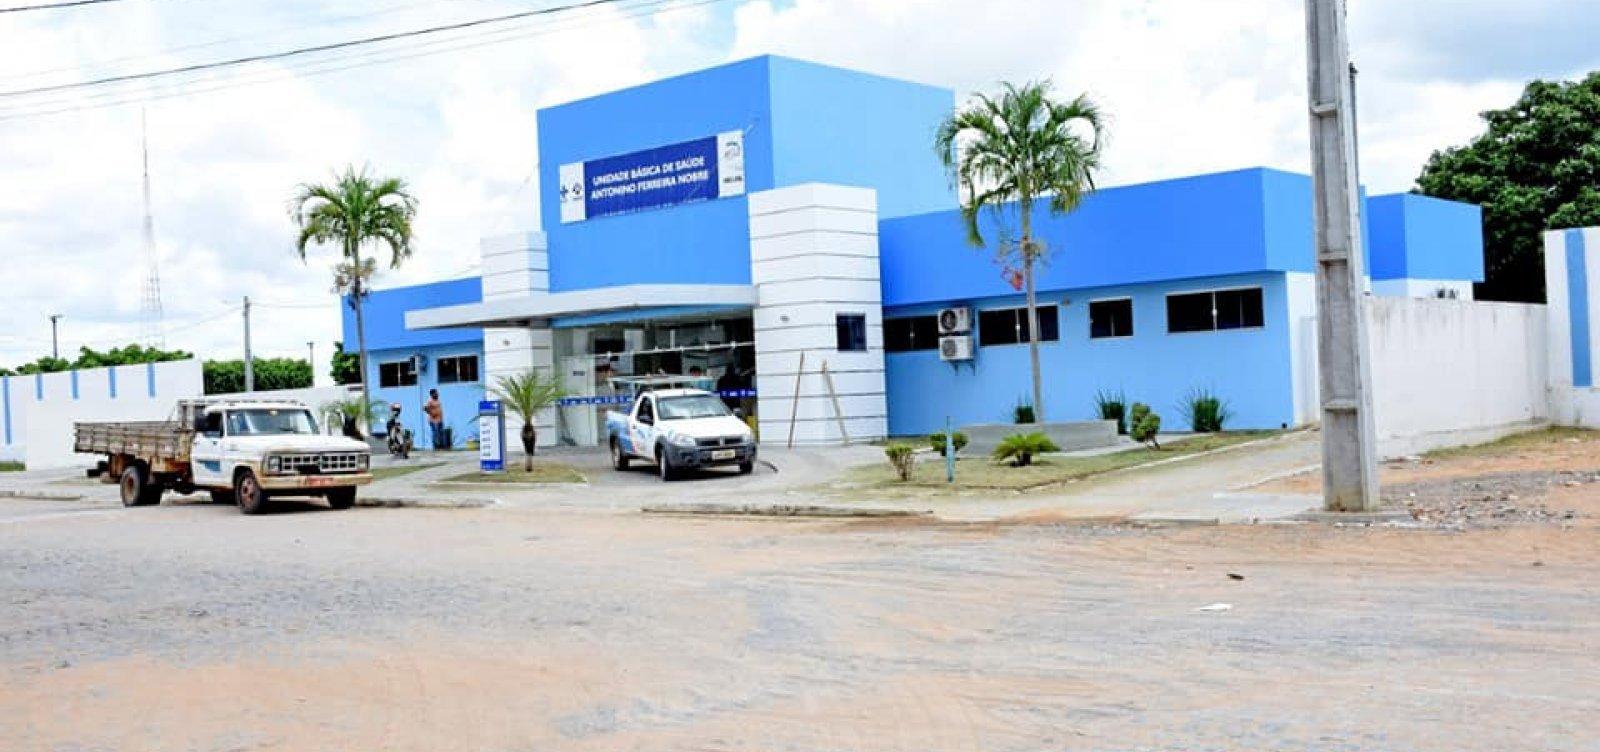 Justiça determina restabelecimento de energia na prefeitura de Ribeira do Pombal